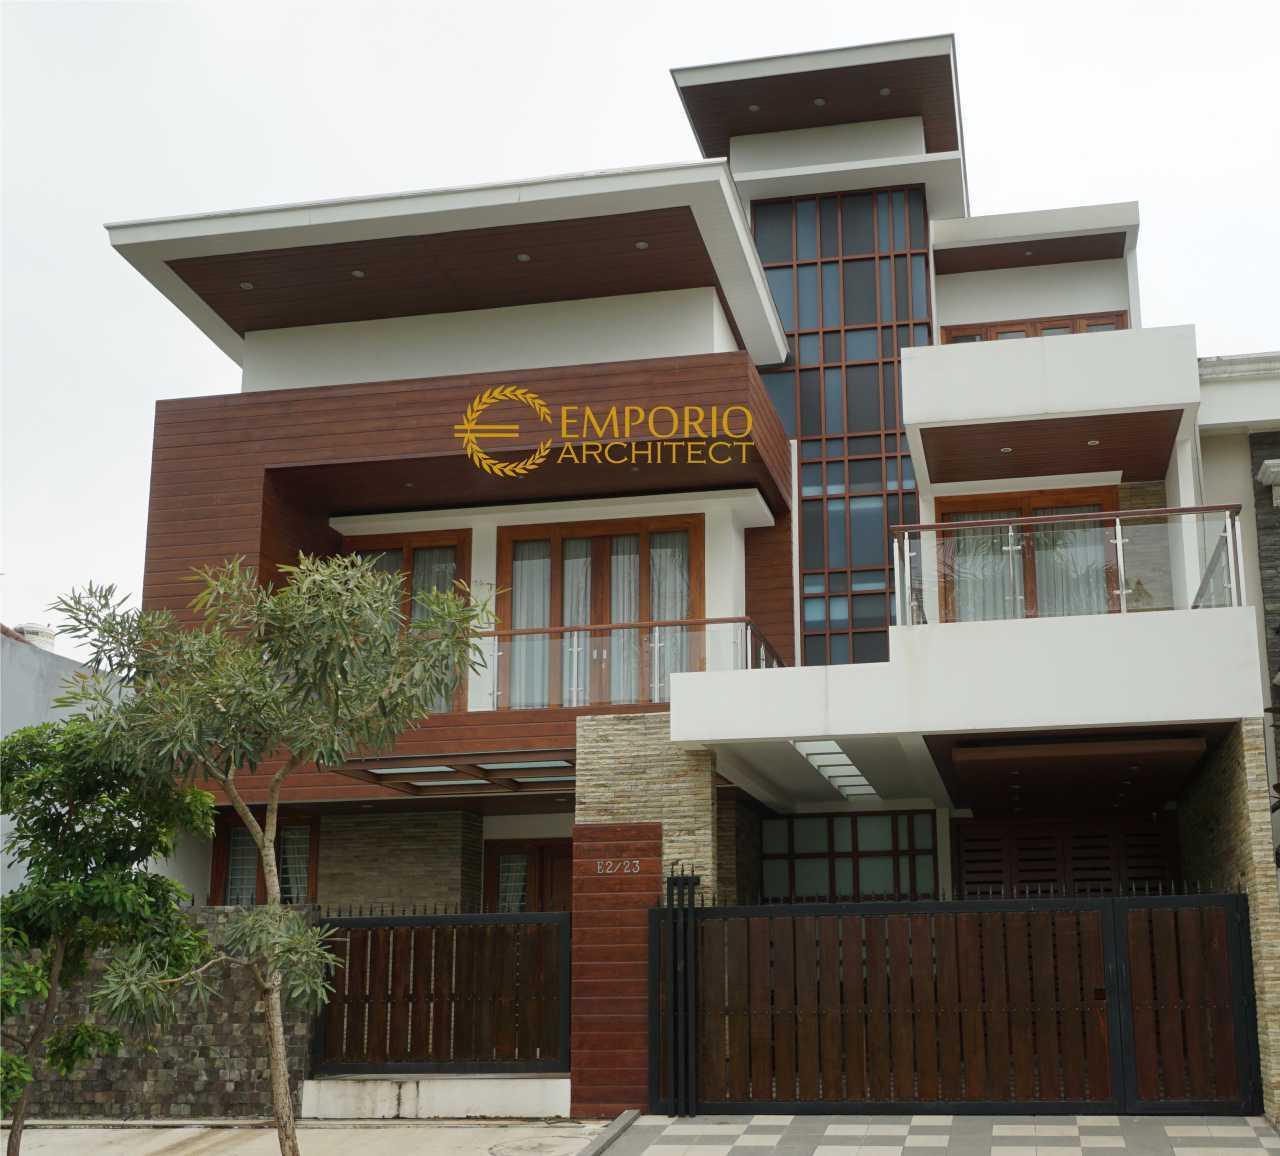 Emporio Architect Jasa Arsitek Tangerang Hasil Konstruksi Rumah Modern Tropis 276 @ Tangerang Tangerang, Kota Tangerang, Banten, Indonesia Tangerang, Kota Tangerang, Banten, Indonesia Emporio-Architect-Jasa-Arsitek-Tangerang-Hasil-Konstruksi-Rumah-Modern-Tropis-276-Tangerang  86567